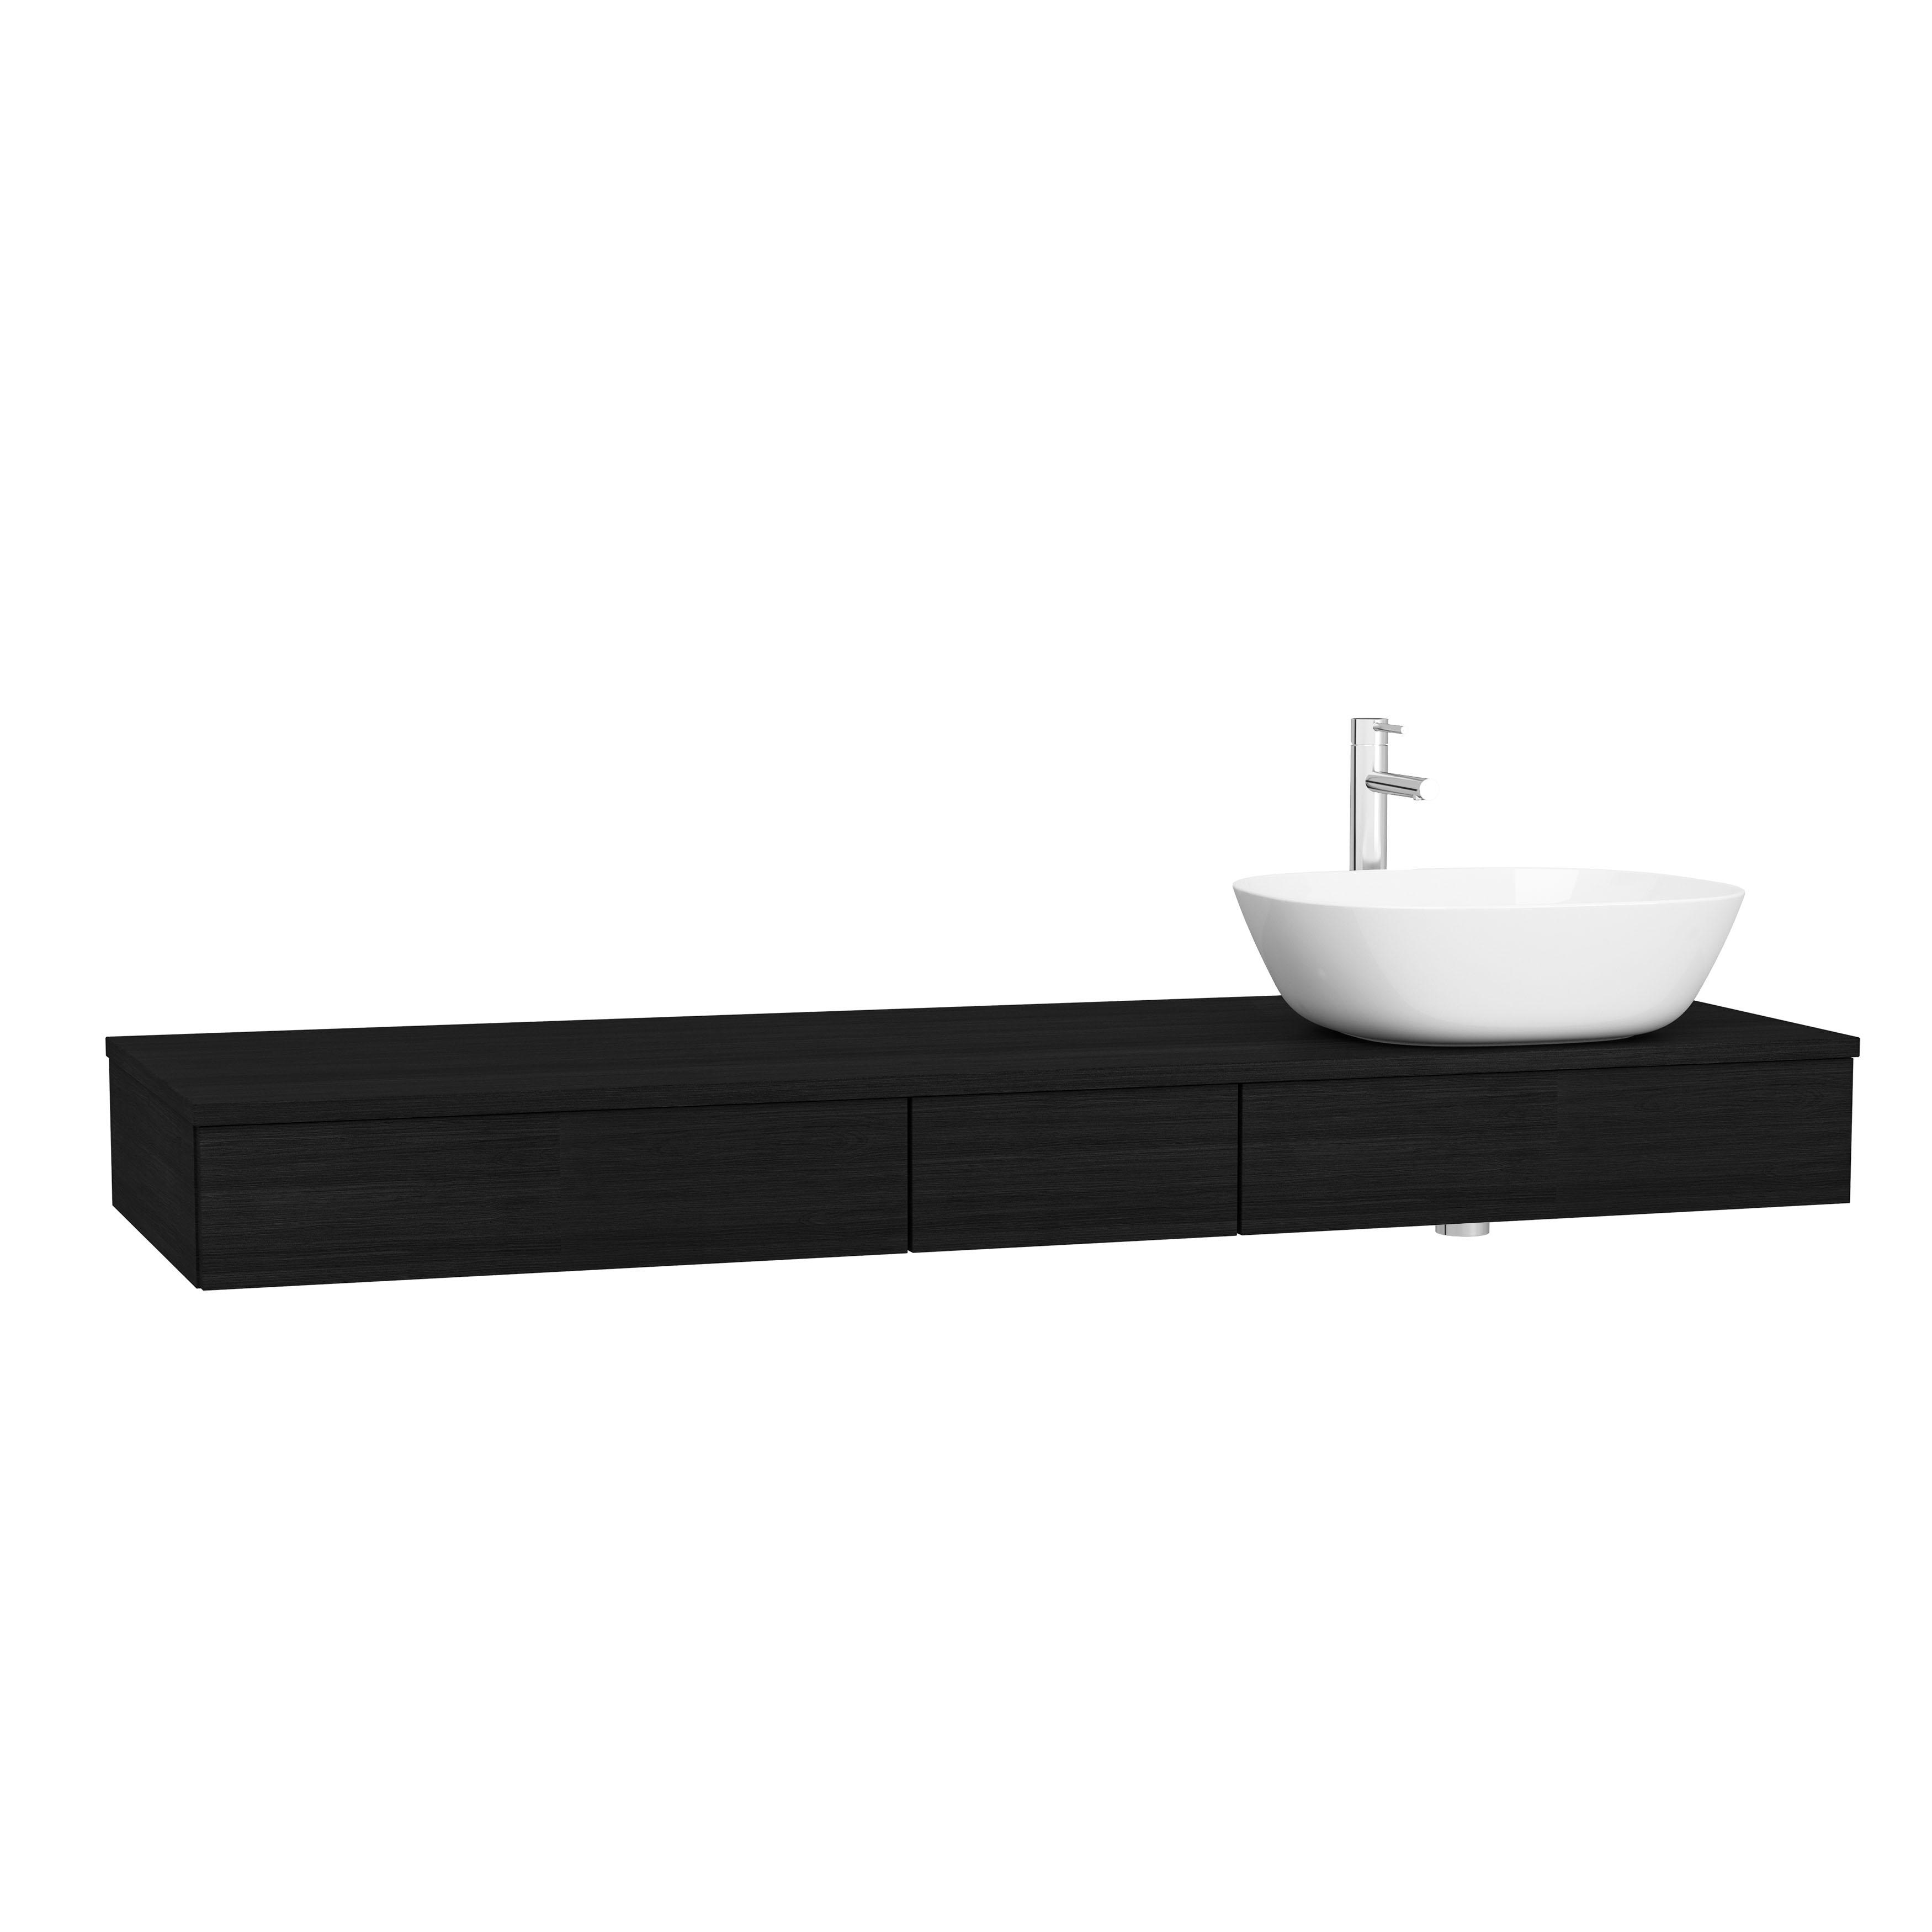 Origin plan de toilette avec tiroir, 150 cm, chêne noir structure, droite